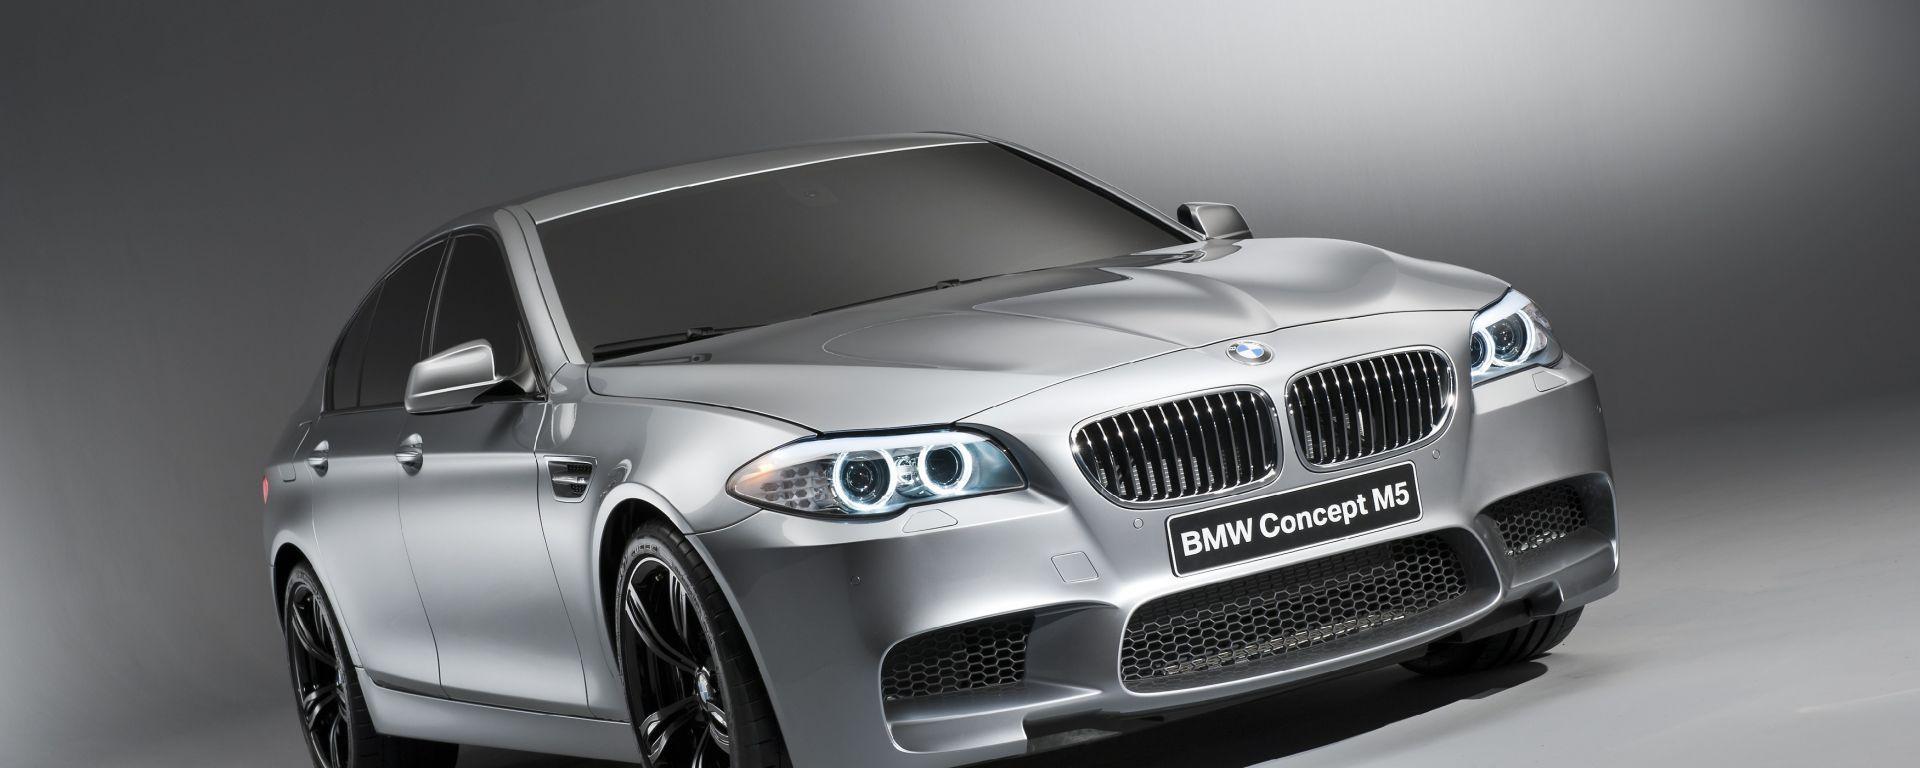 Bmw Concept M5, le prime foto ufficiali